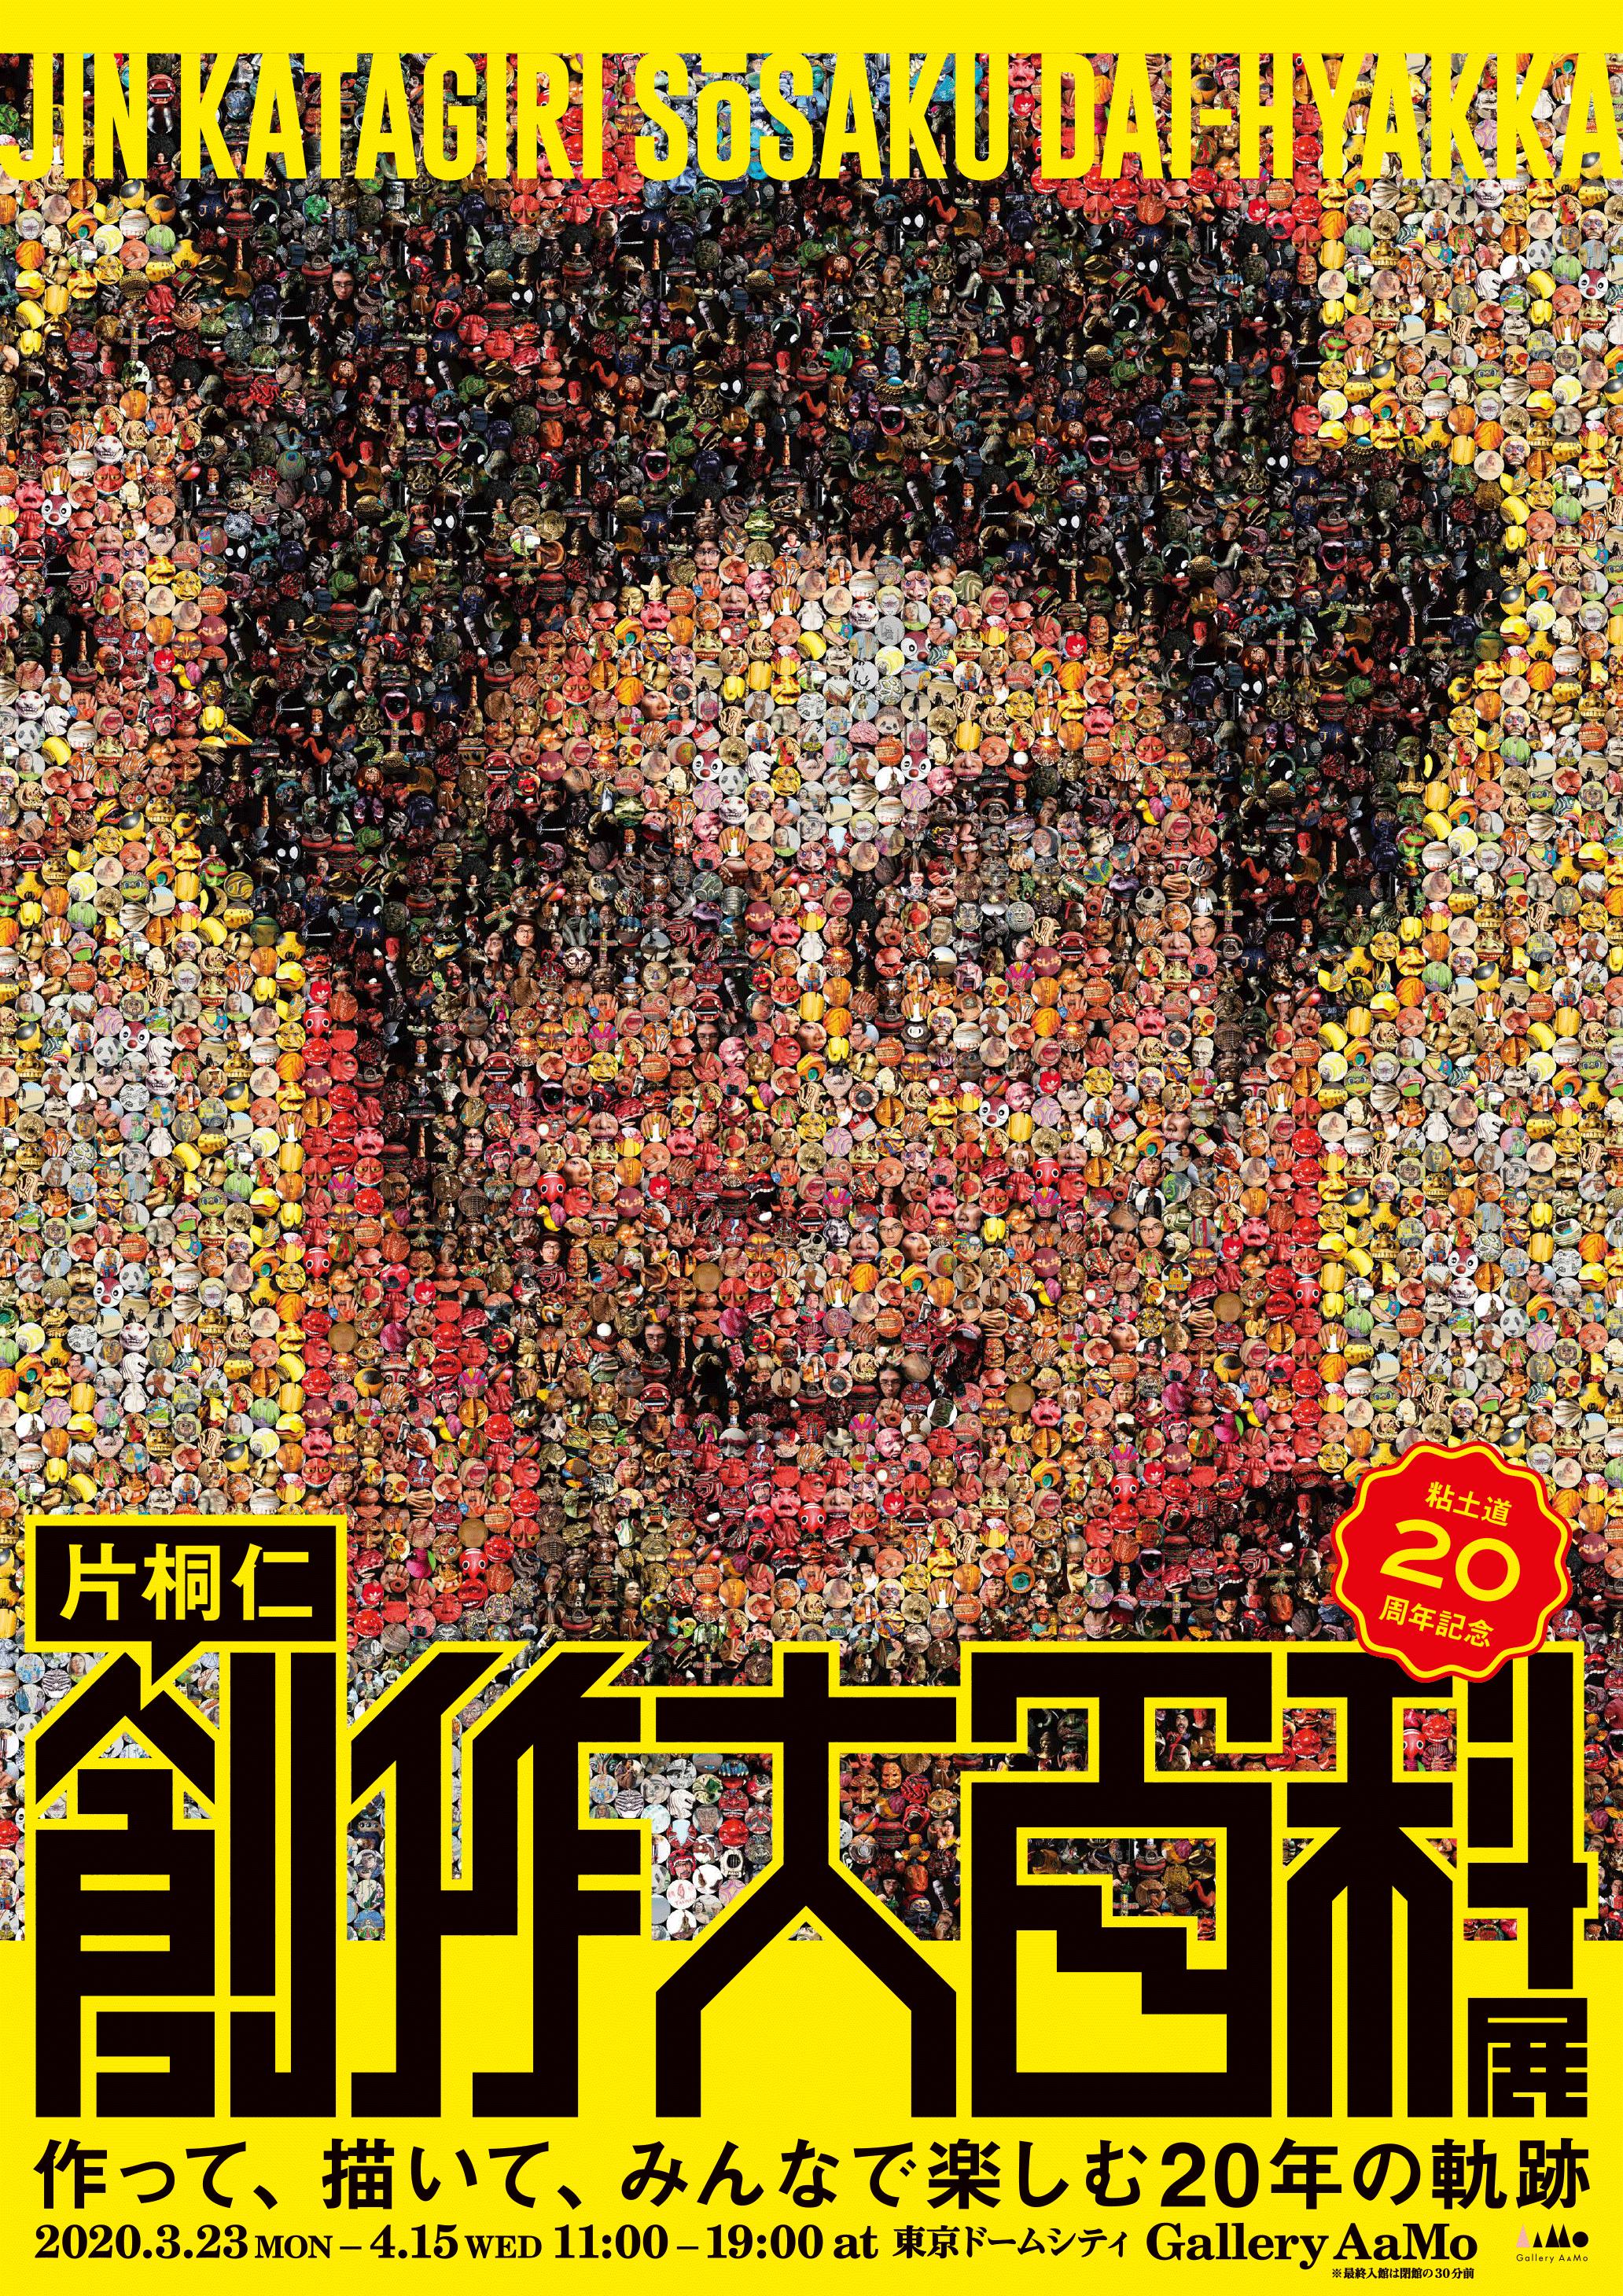 片桐仁創作大百科展